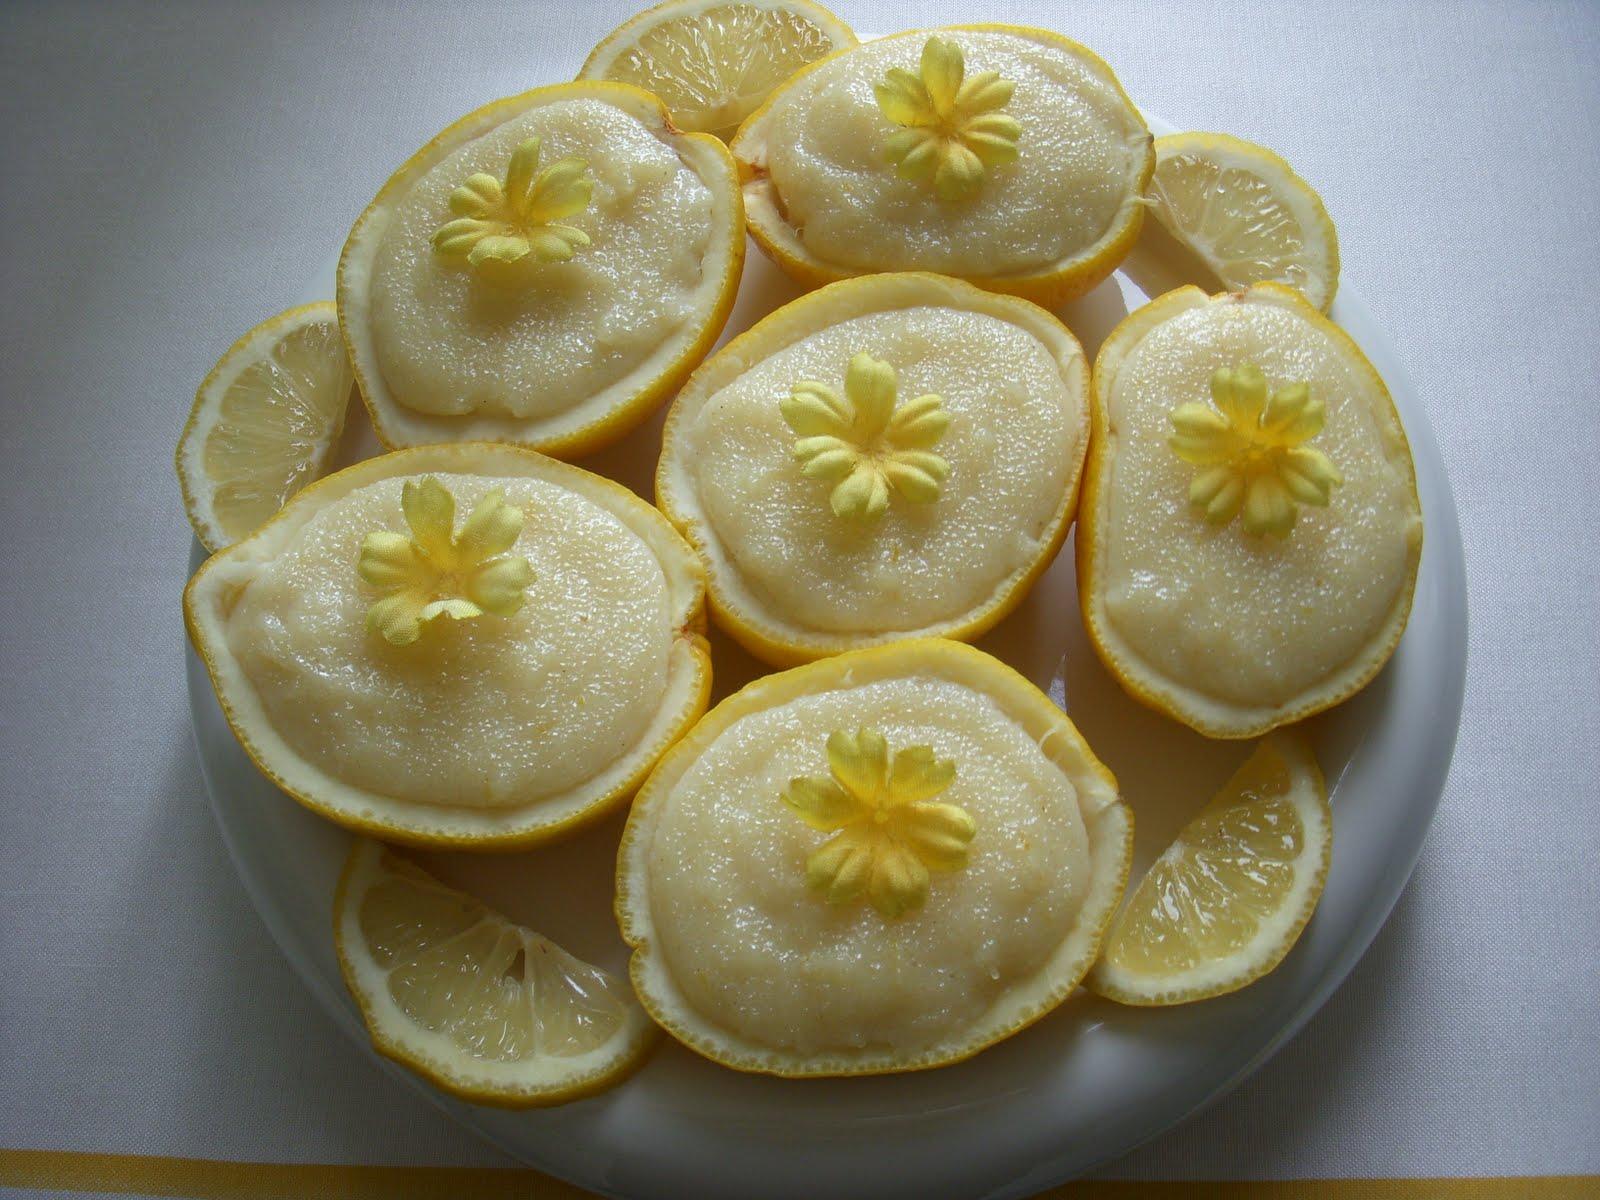 Limonlu İrmik Tatlısı Tarifi